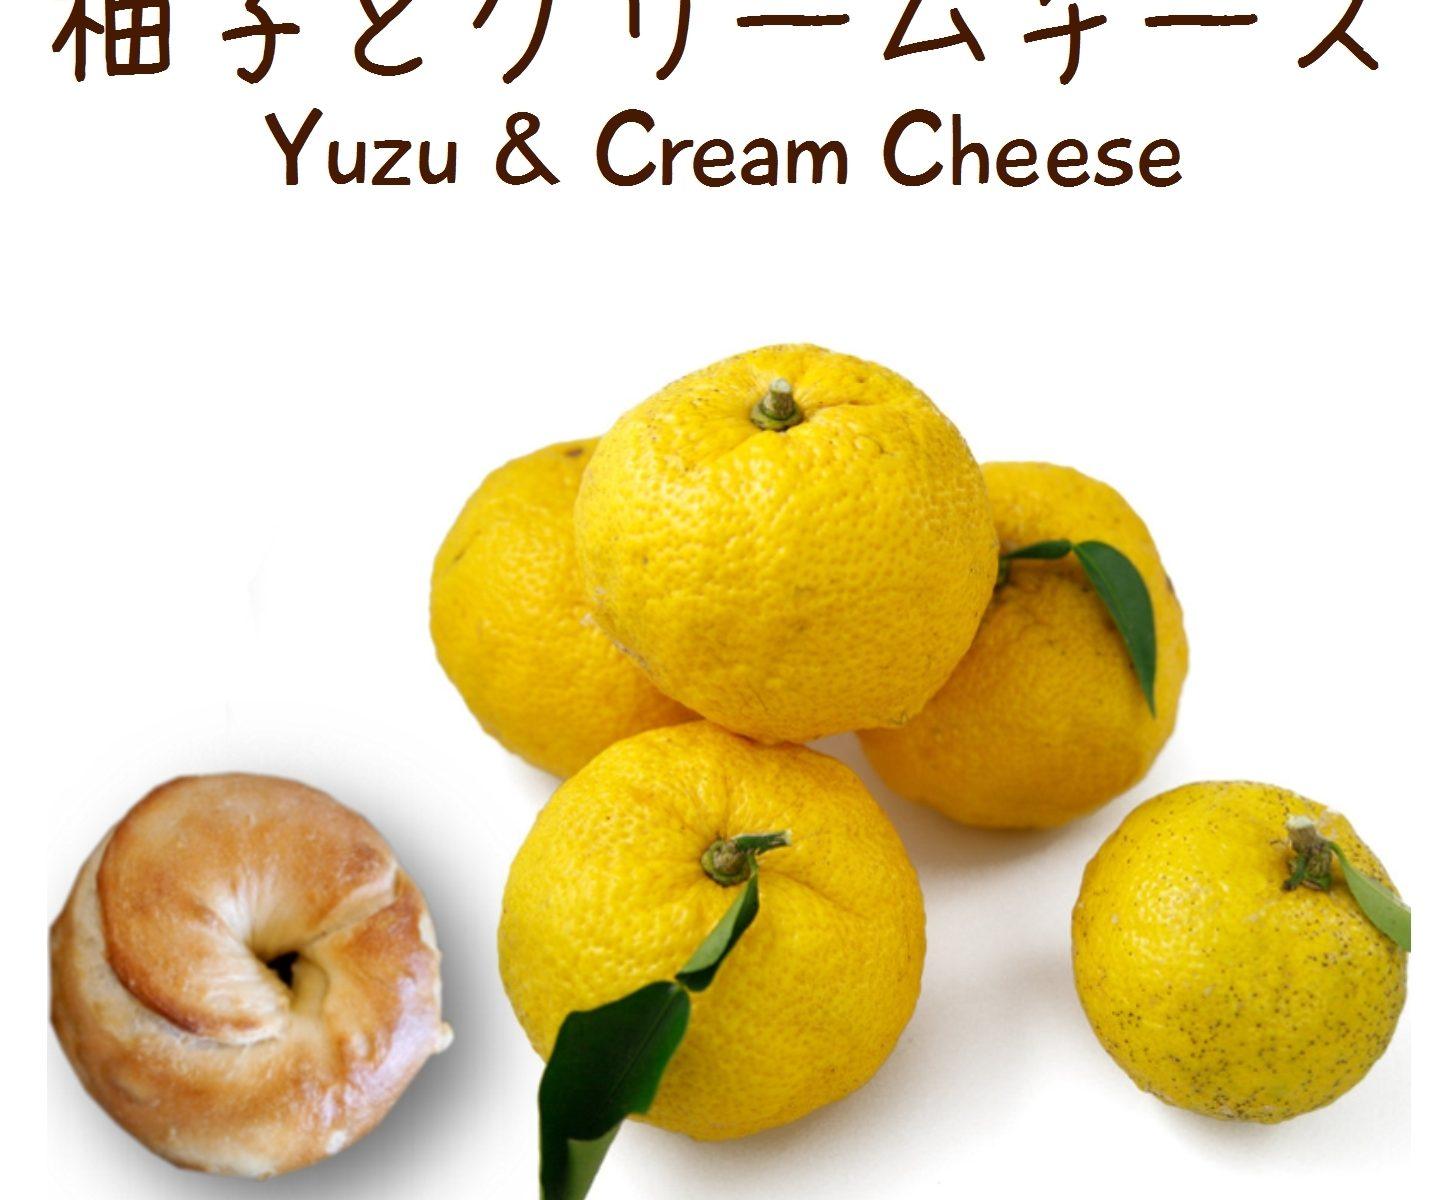 ベーグル: 柚子とクリームチーズ